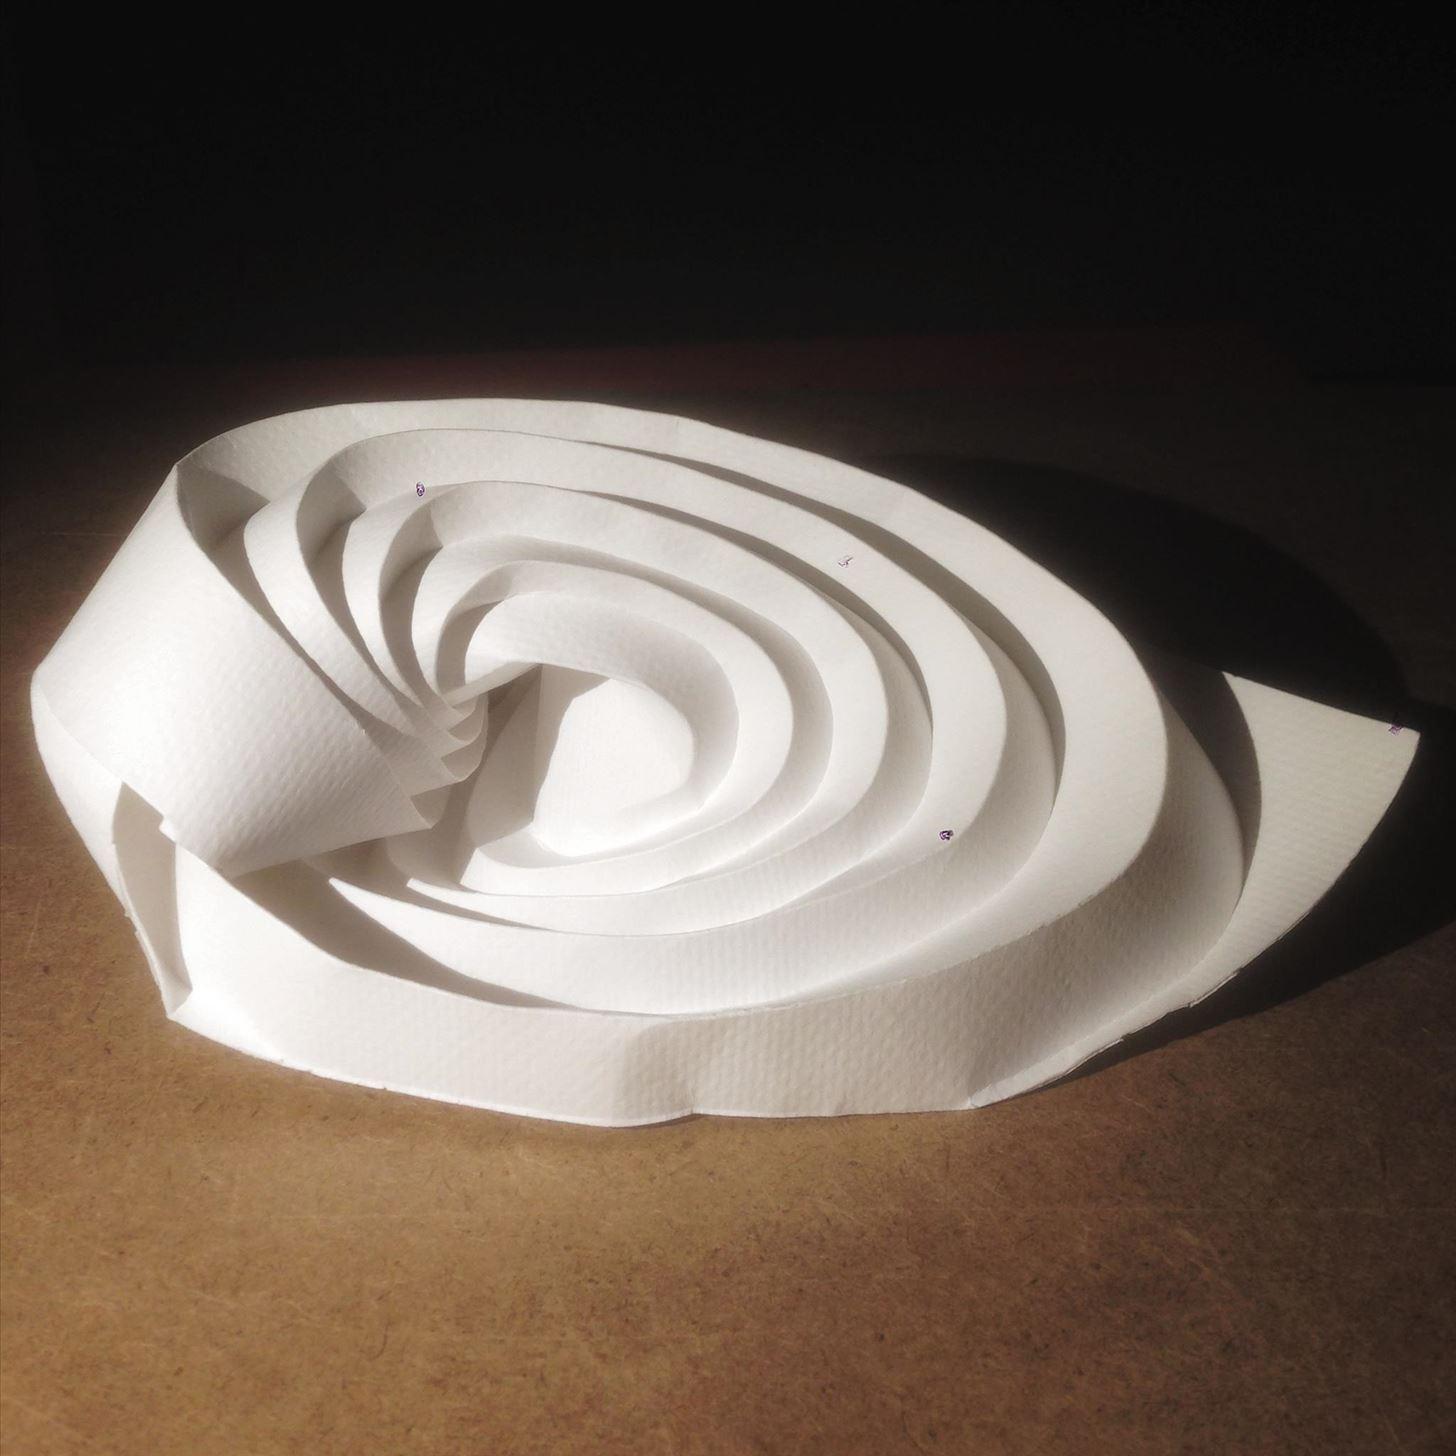 Curvy origami designs I am working on: